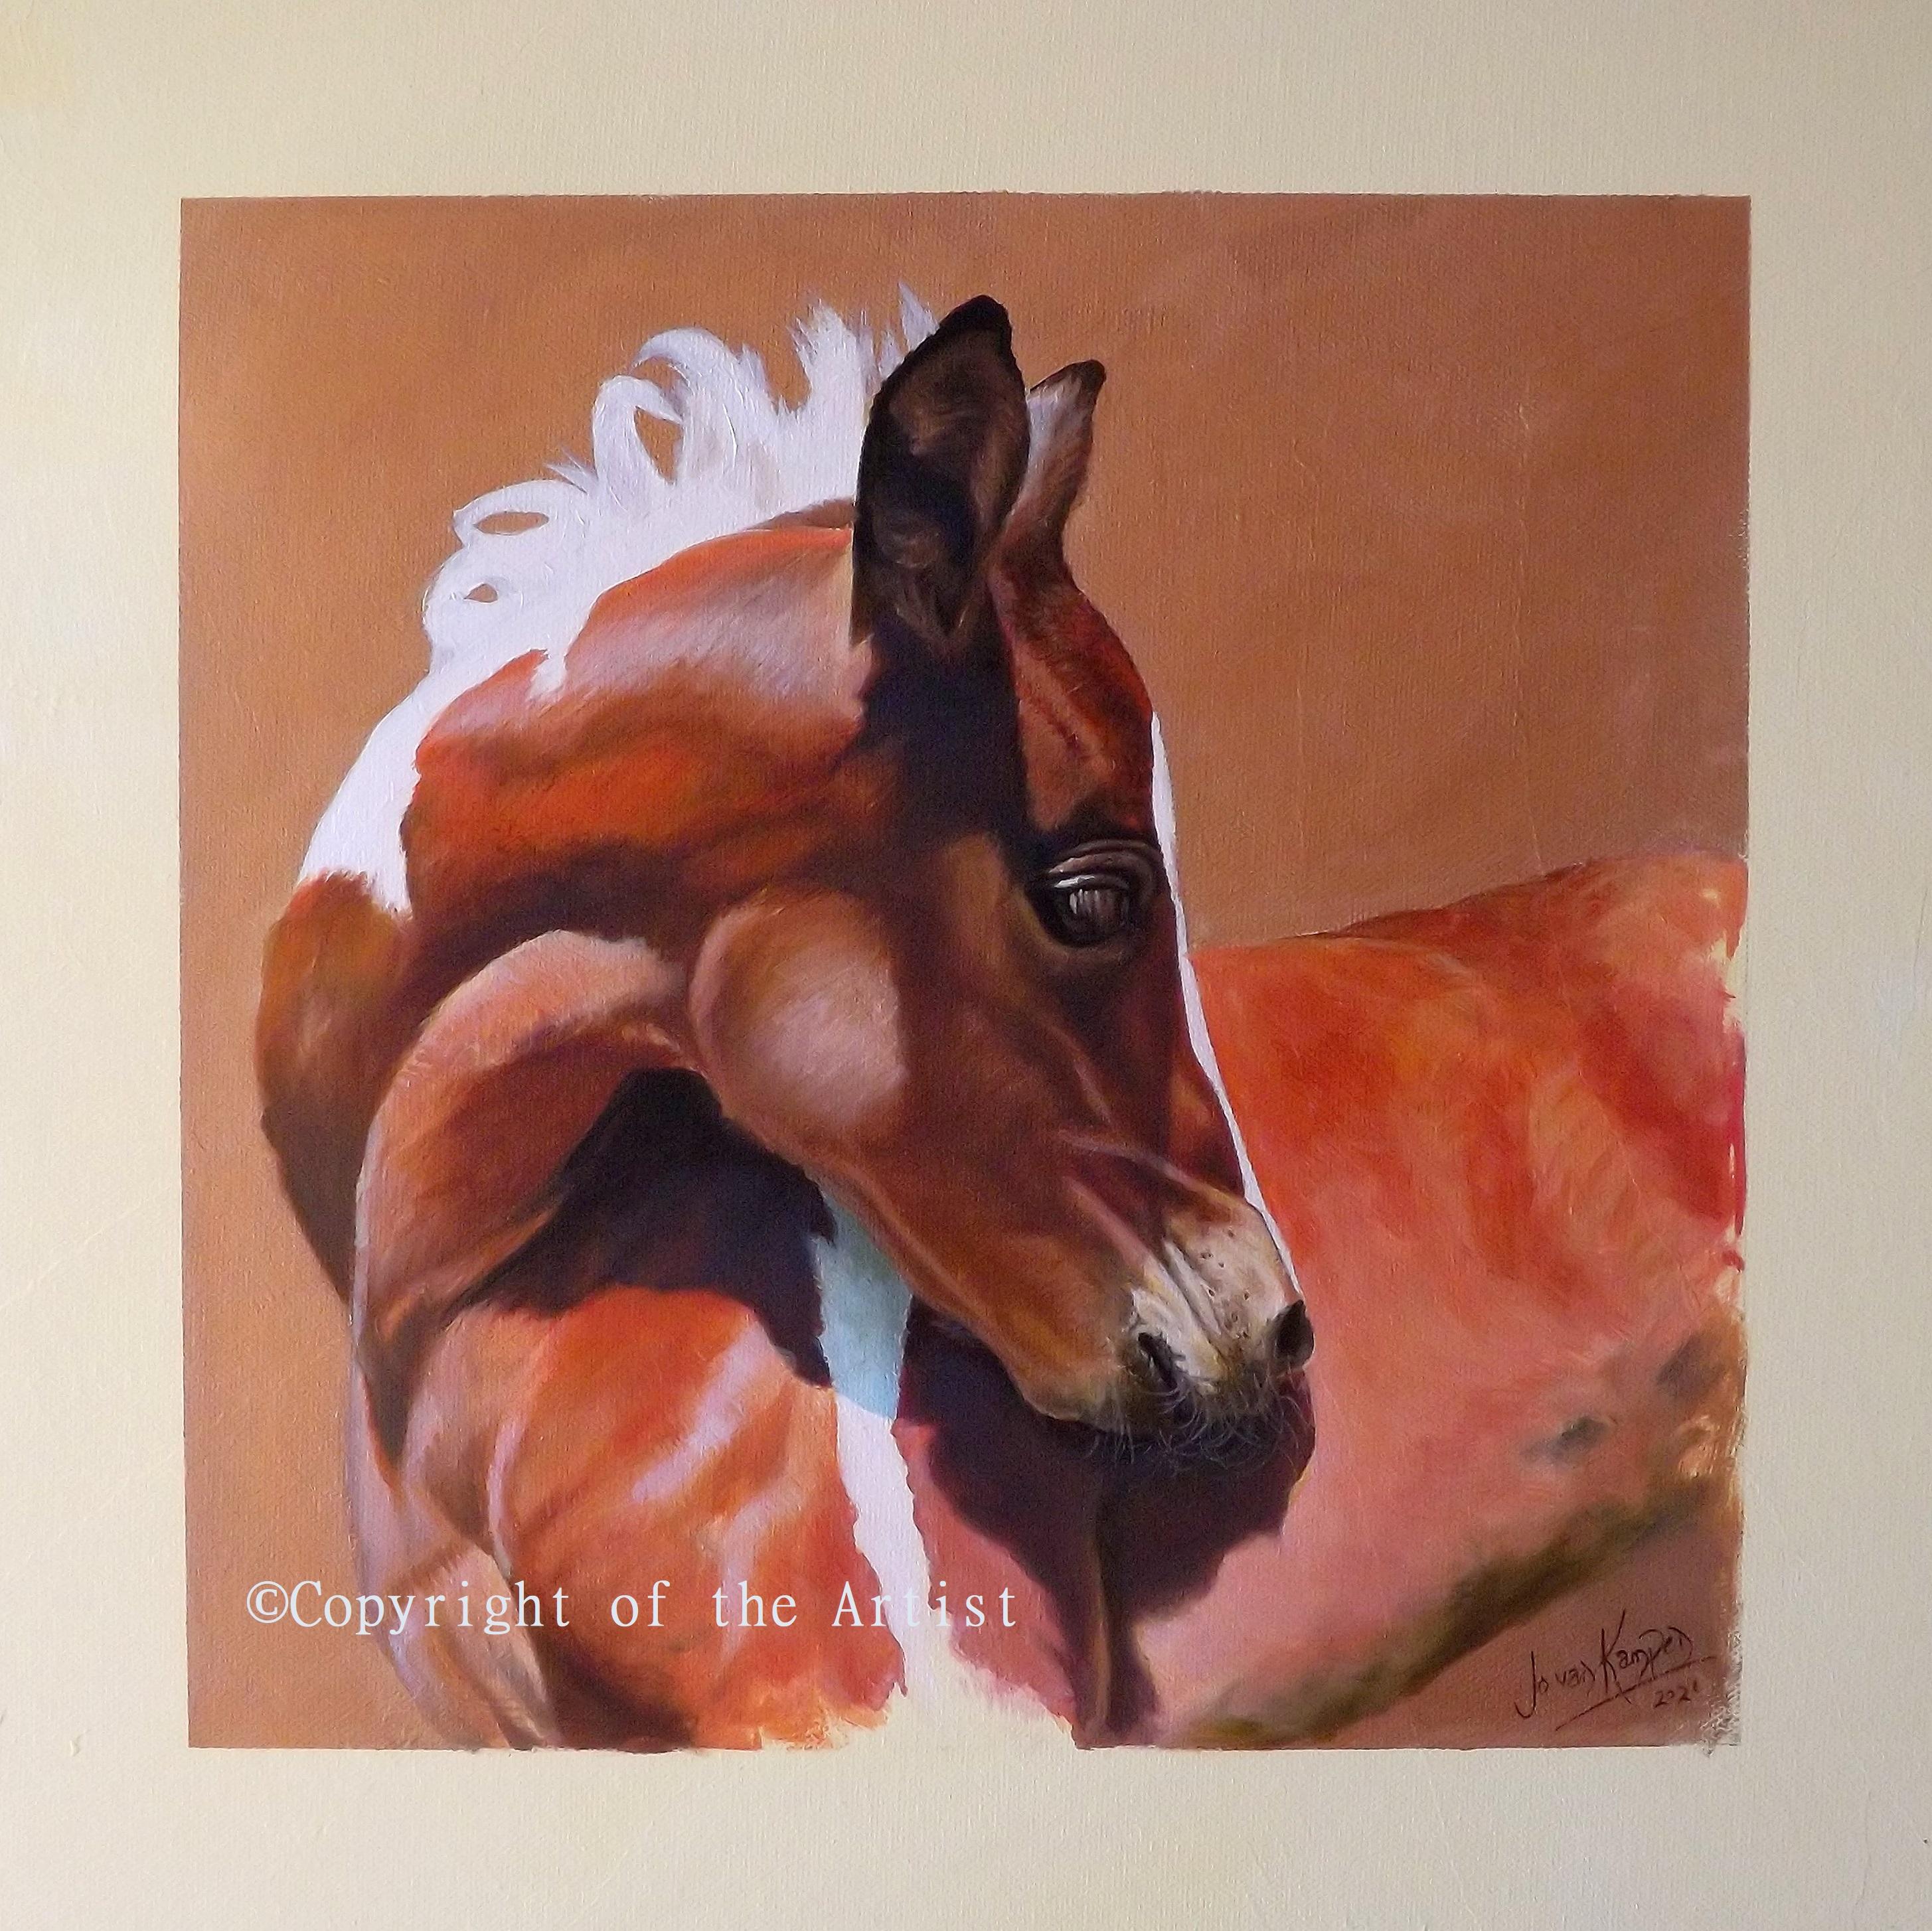 Jo Van Kampen daisy foal